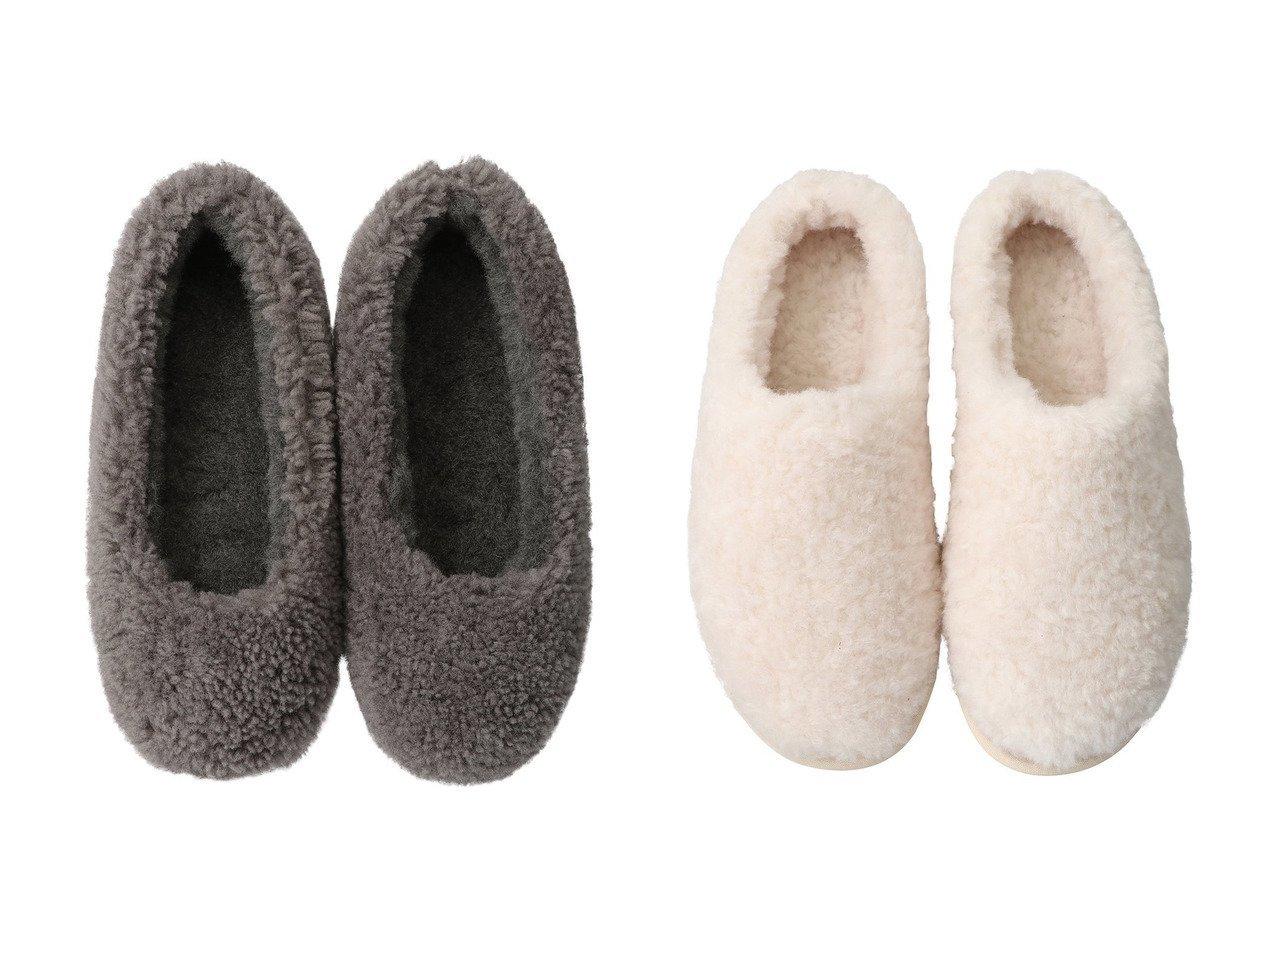 【EMU Australia/エミュ オーストラリア】のMira シープスキンシューズ&Joy Teddy スリッパ 【シューズ・靴】おすすめ!人気、トレンド・レディースファッションの通販 おすすめで人気の流行・トレンド、ファッションの通販商品 インテリア・家具・メンズファッション・キッズファッション・レディースファッション・服の通販 founy(ファニー) https://founy.com/ ファッション Fashion レディースファッション WOMEN おすすめ Recommend シューズ バレエ フラット スリッパ ライニング |ID:crp329100000072570